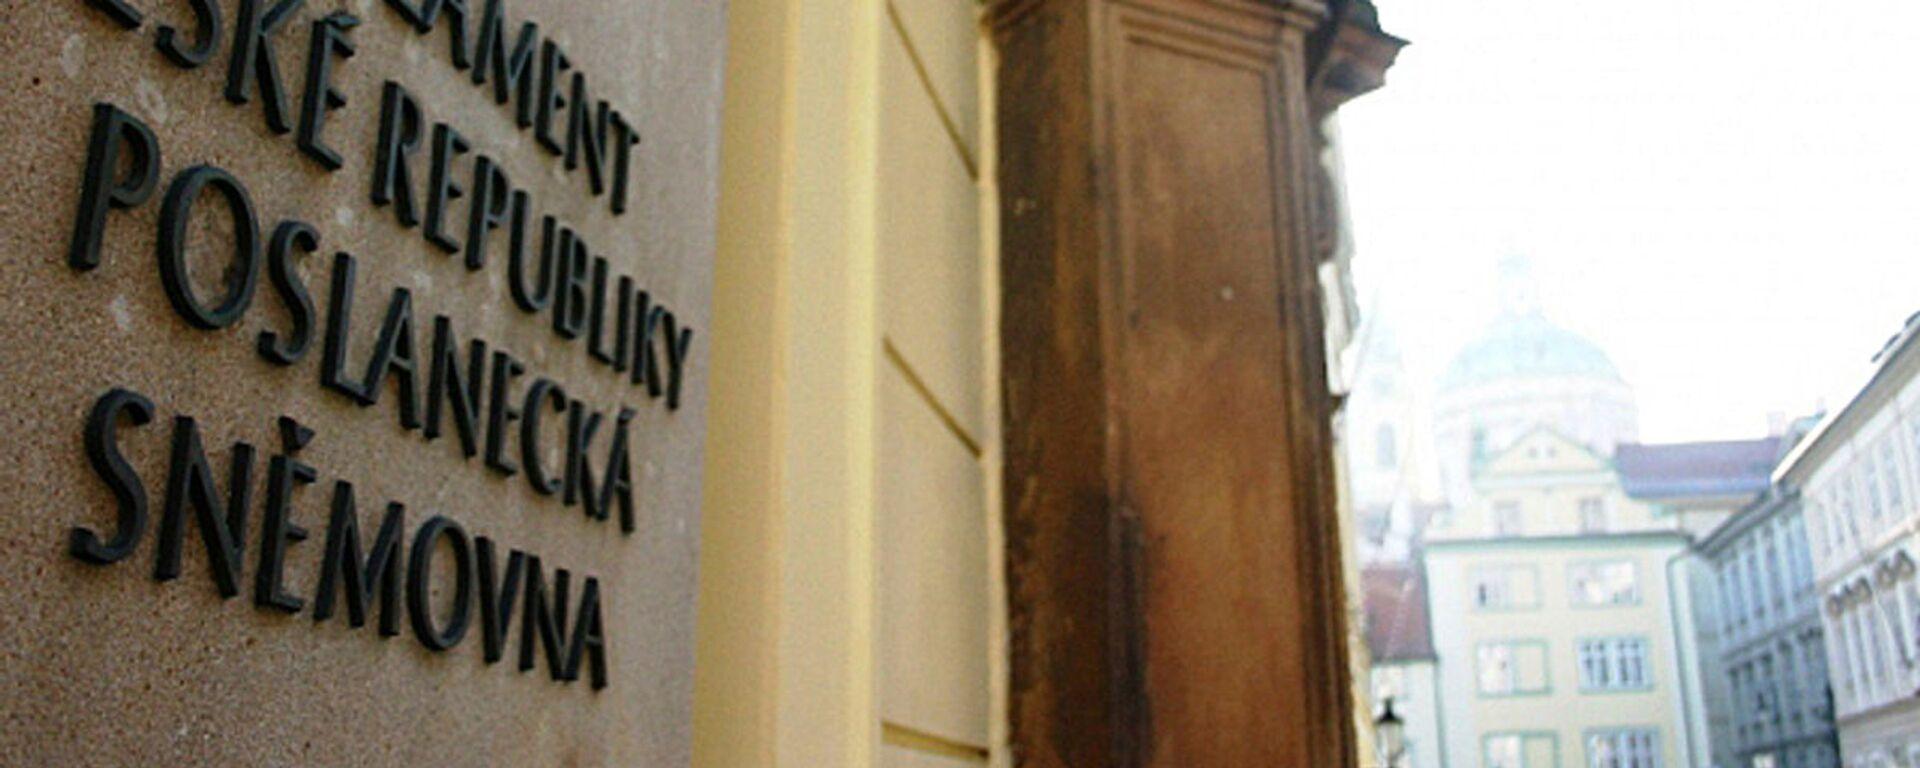 Poslanecká sněmovna Parlamentu České republiky  - Sputnik Česká republika, 1920, 22.08.2021